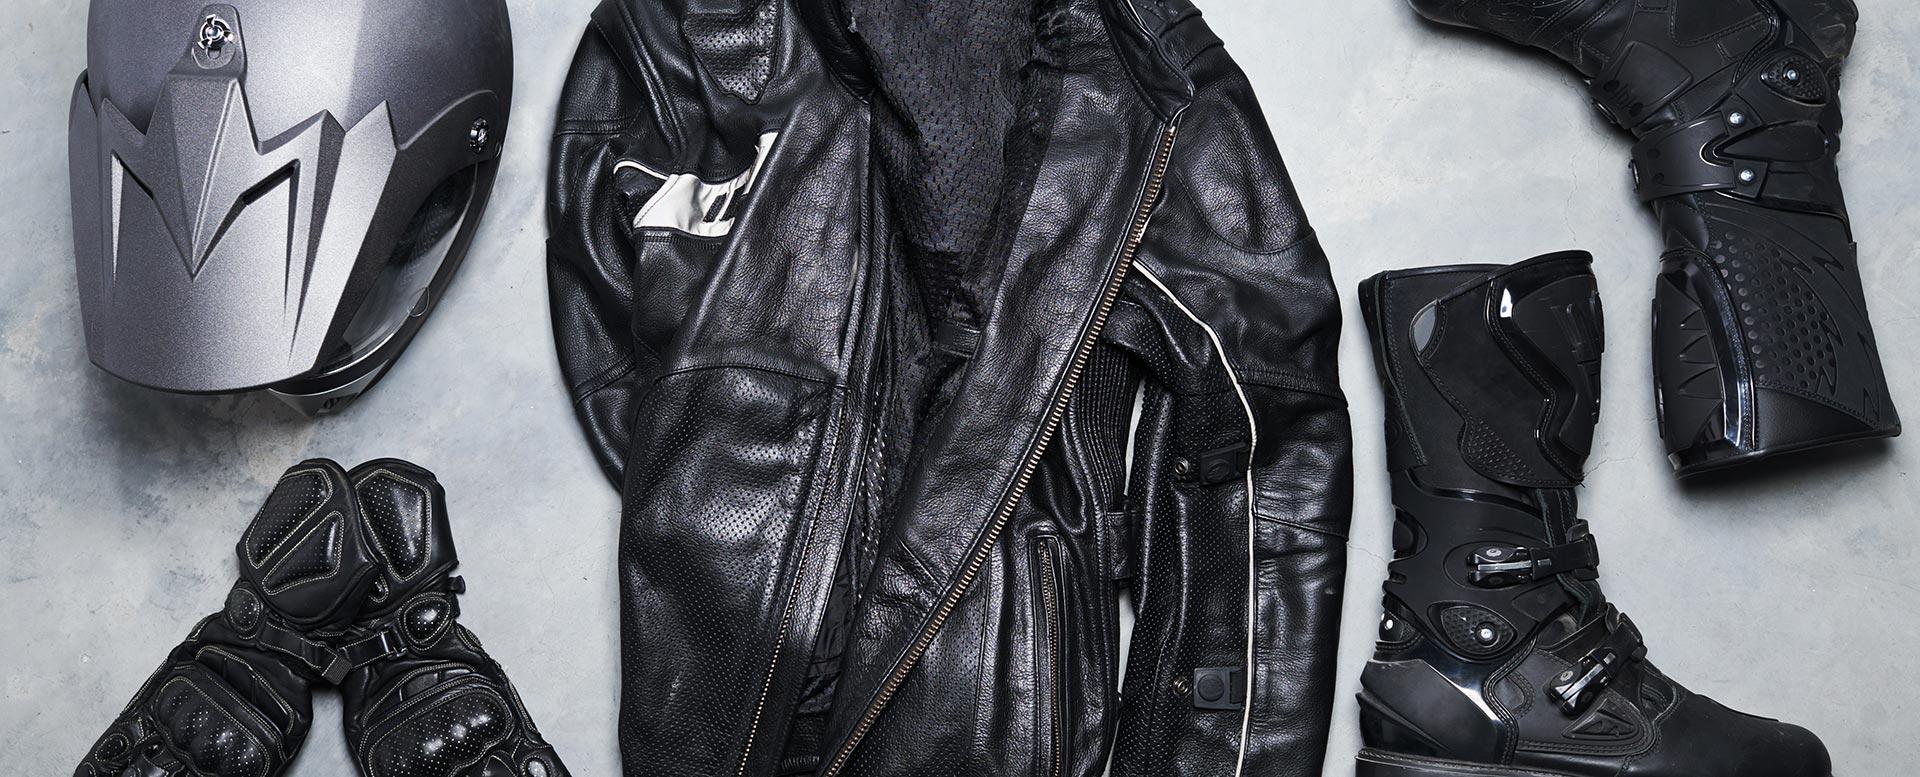 Motorradbekleidung für Anfänger: Tipps und Tricks